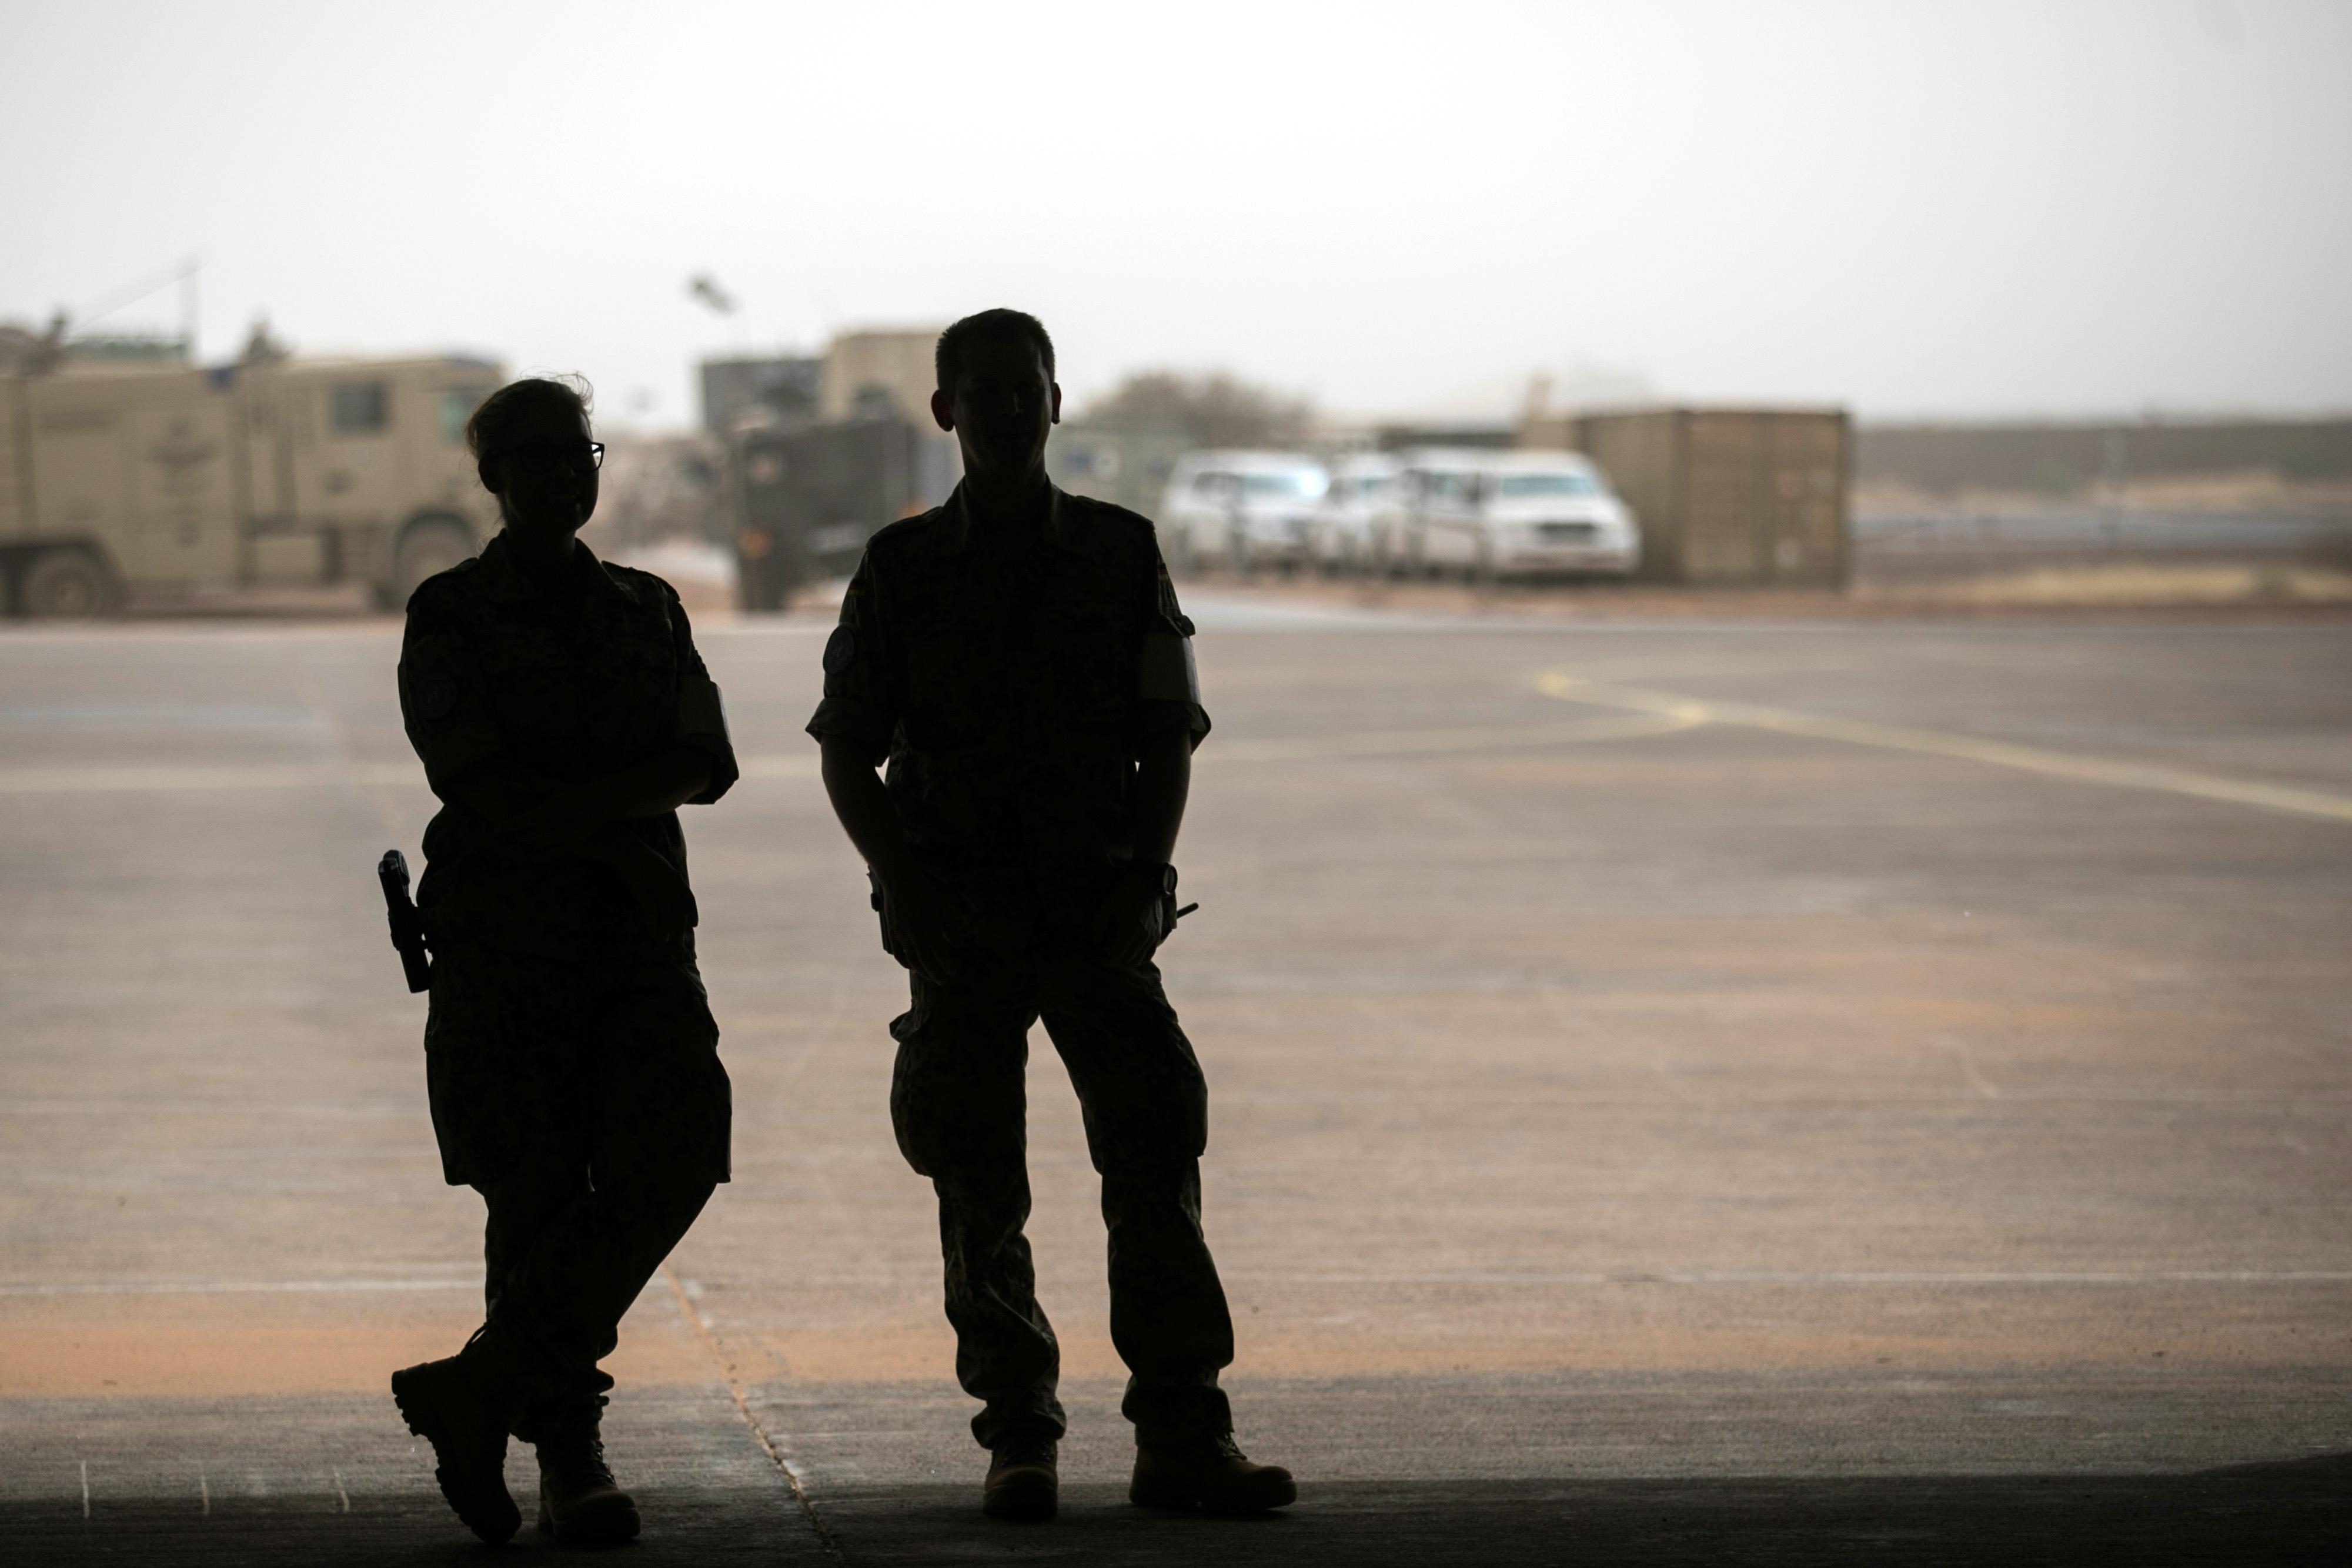 Soldaten der UN-Stabilisierungsmission MINUSMA in Mali